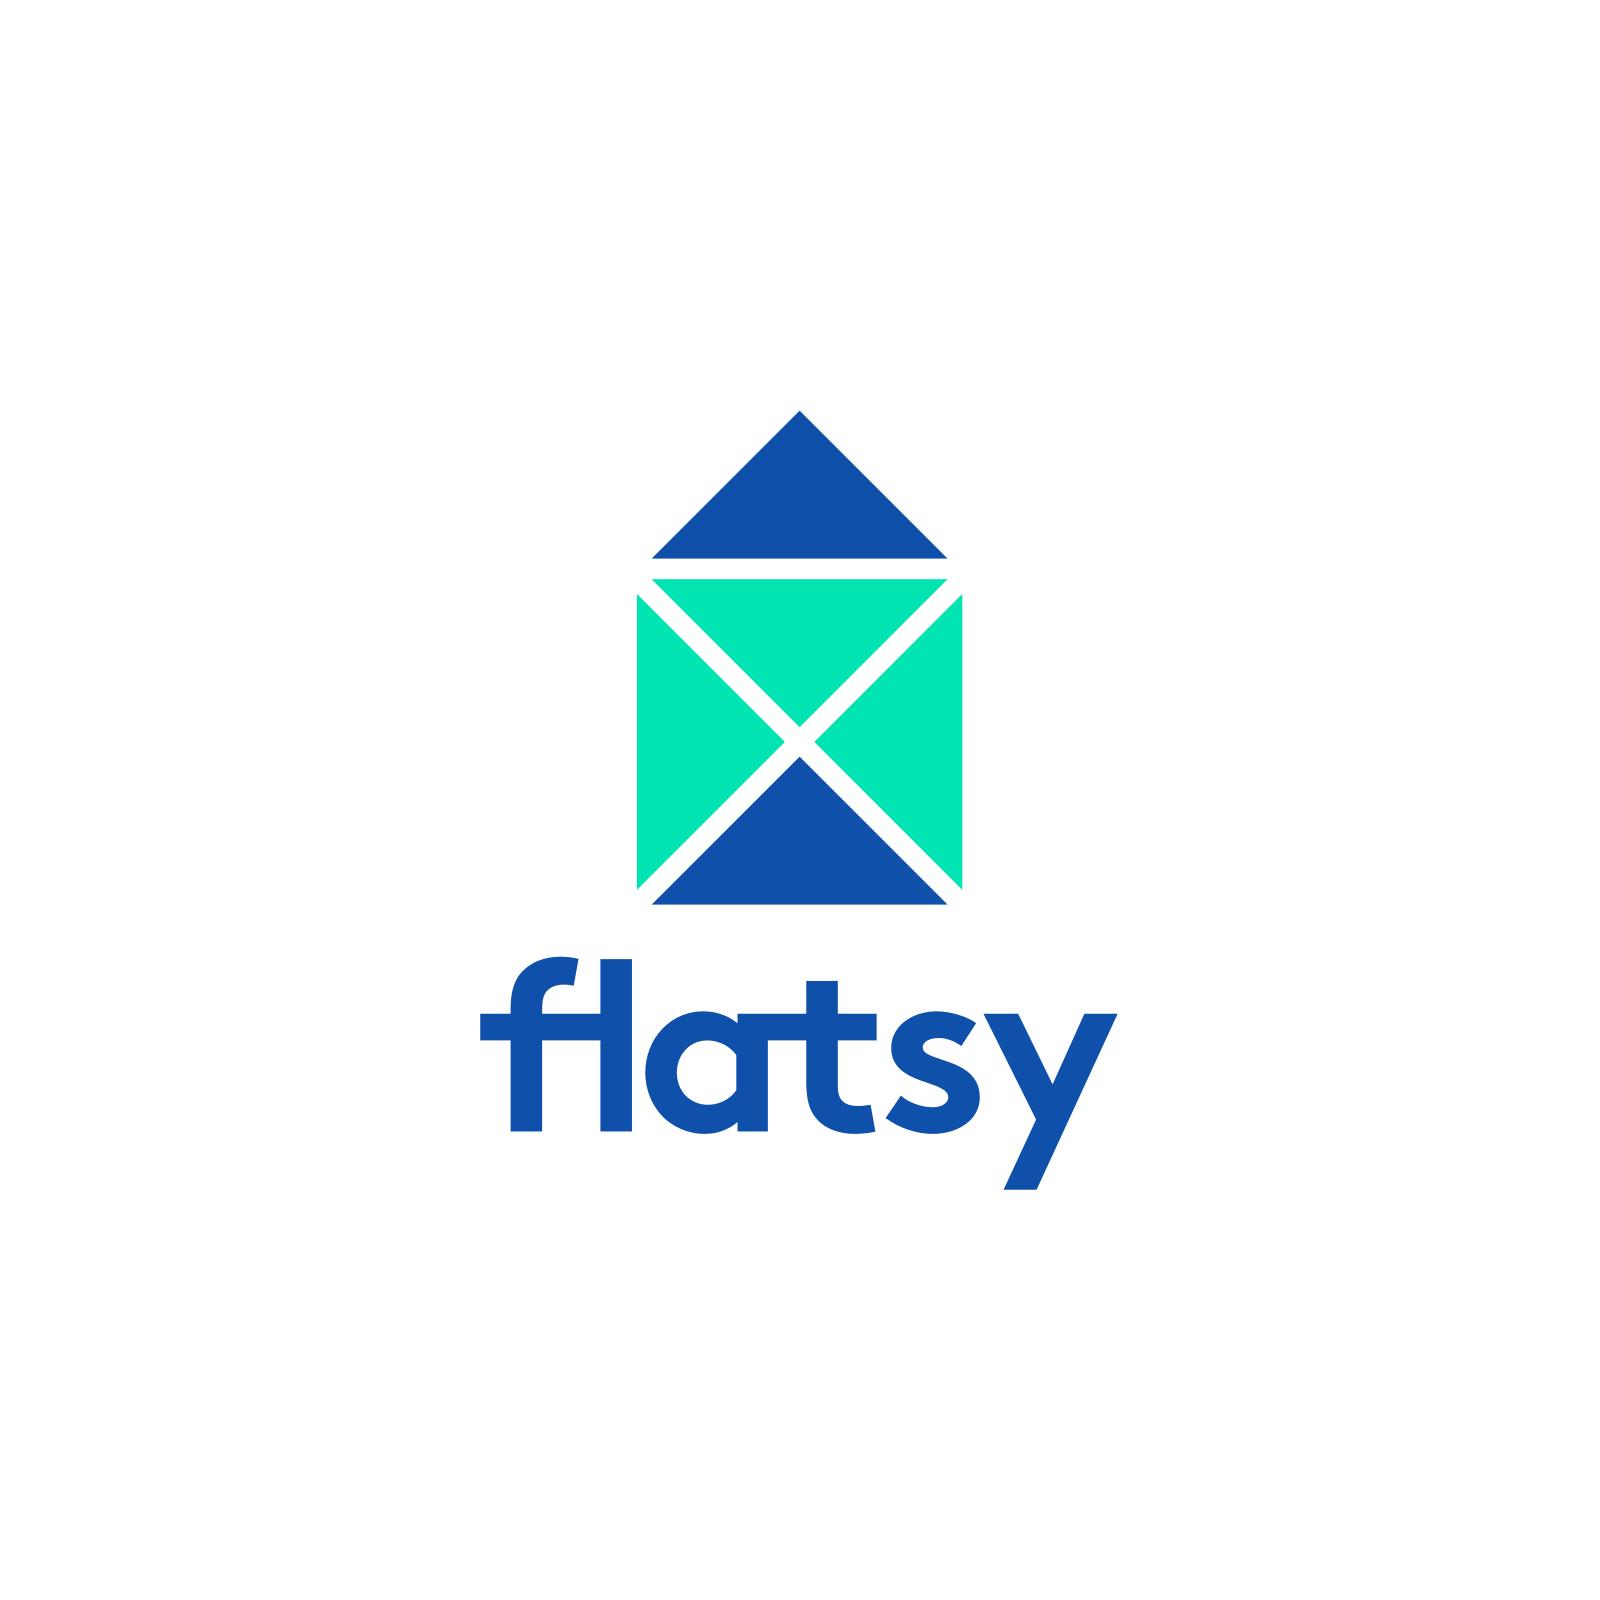 la france a d u0026 39 incroyables startups  flatsy simplifie les